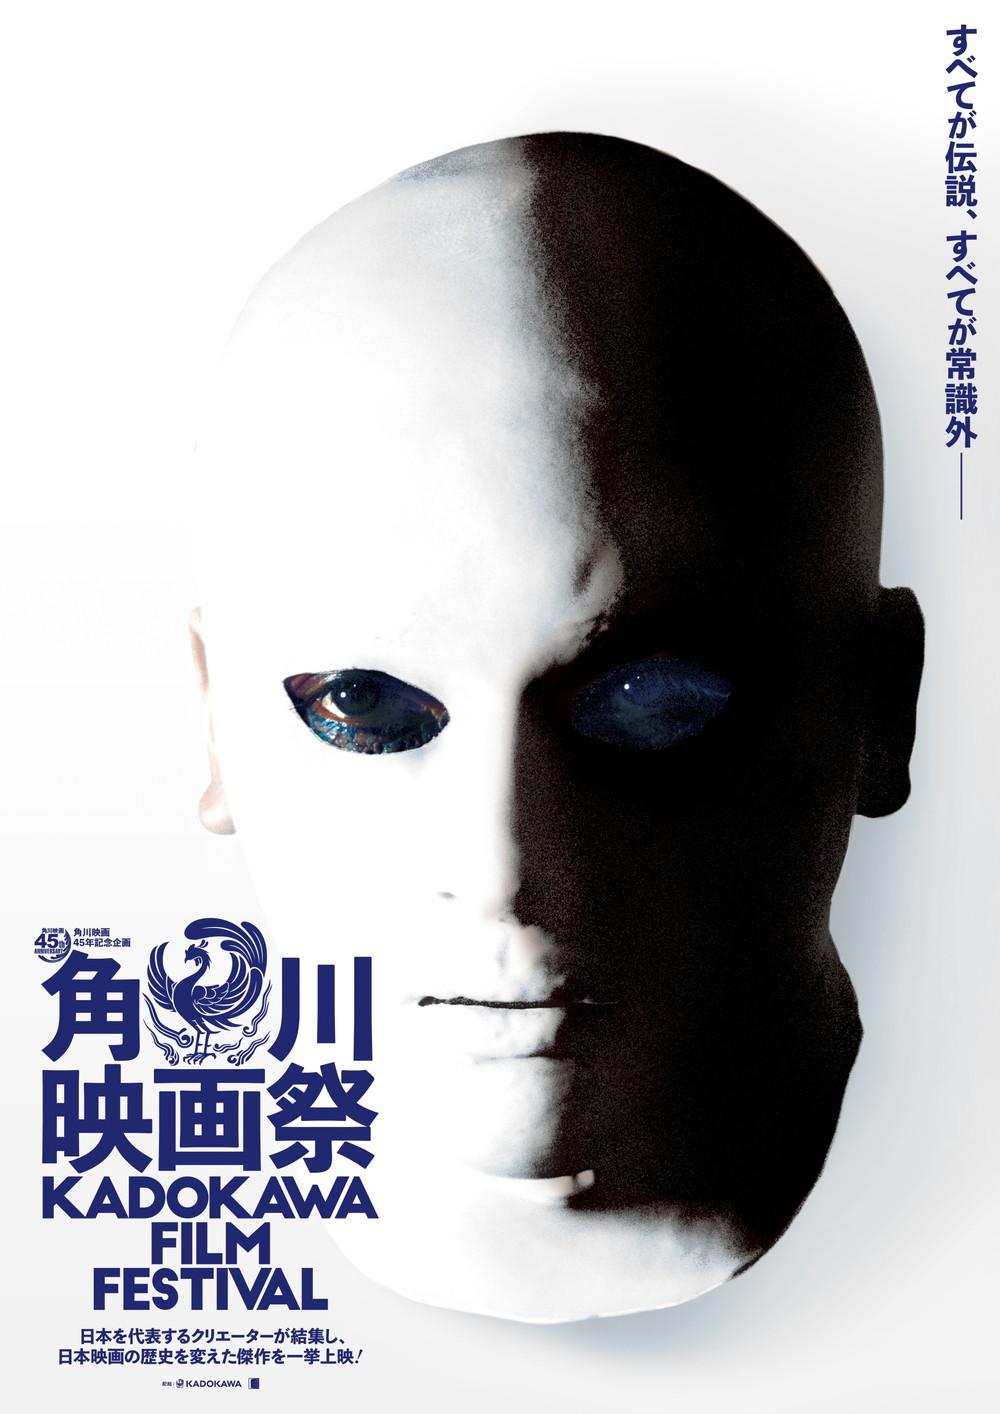 角川映画祭poster